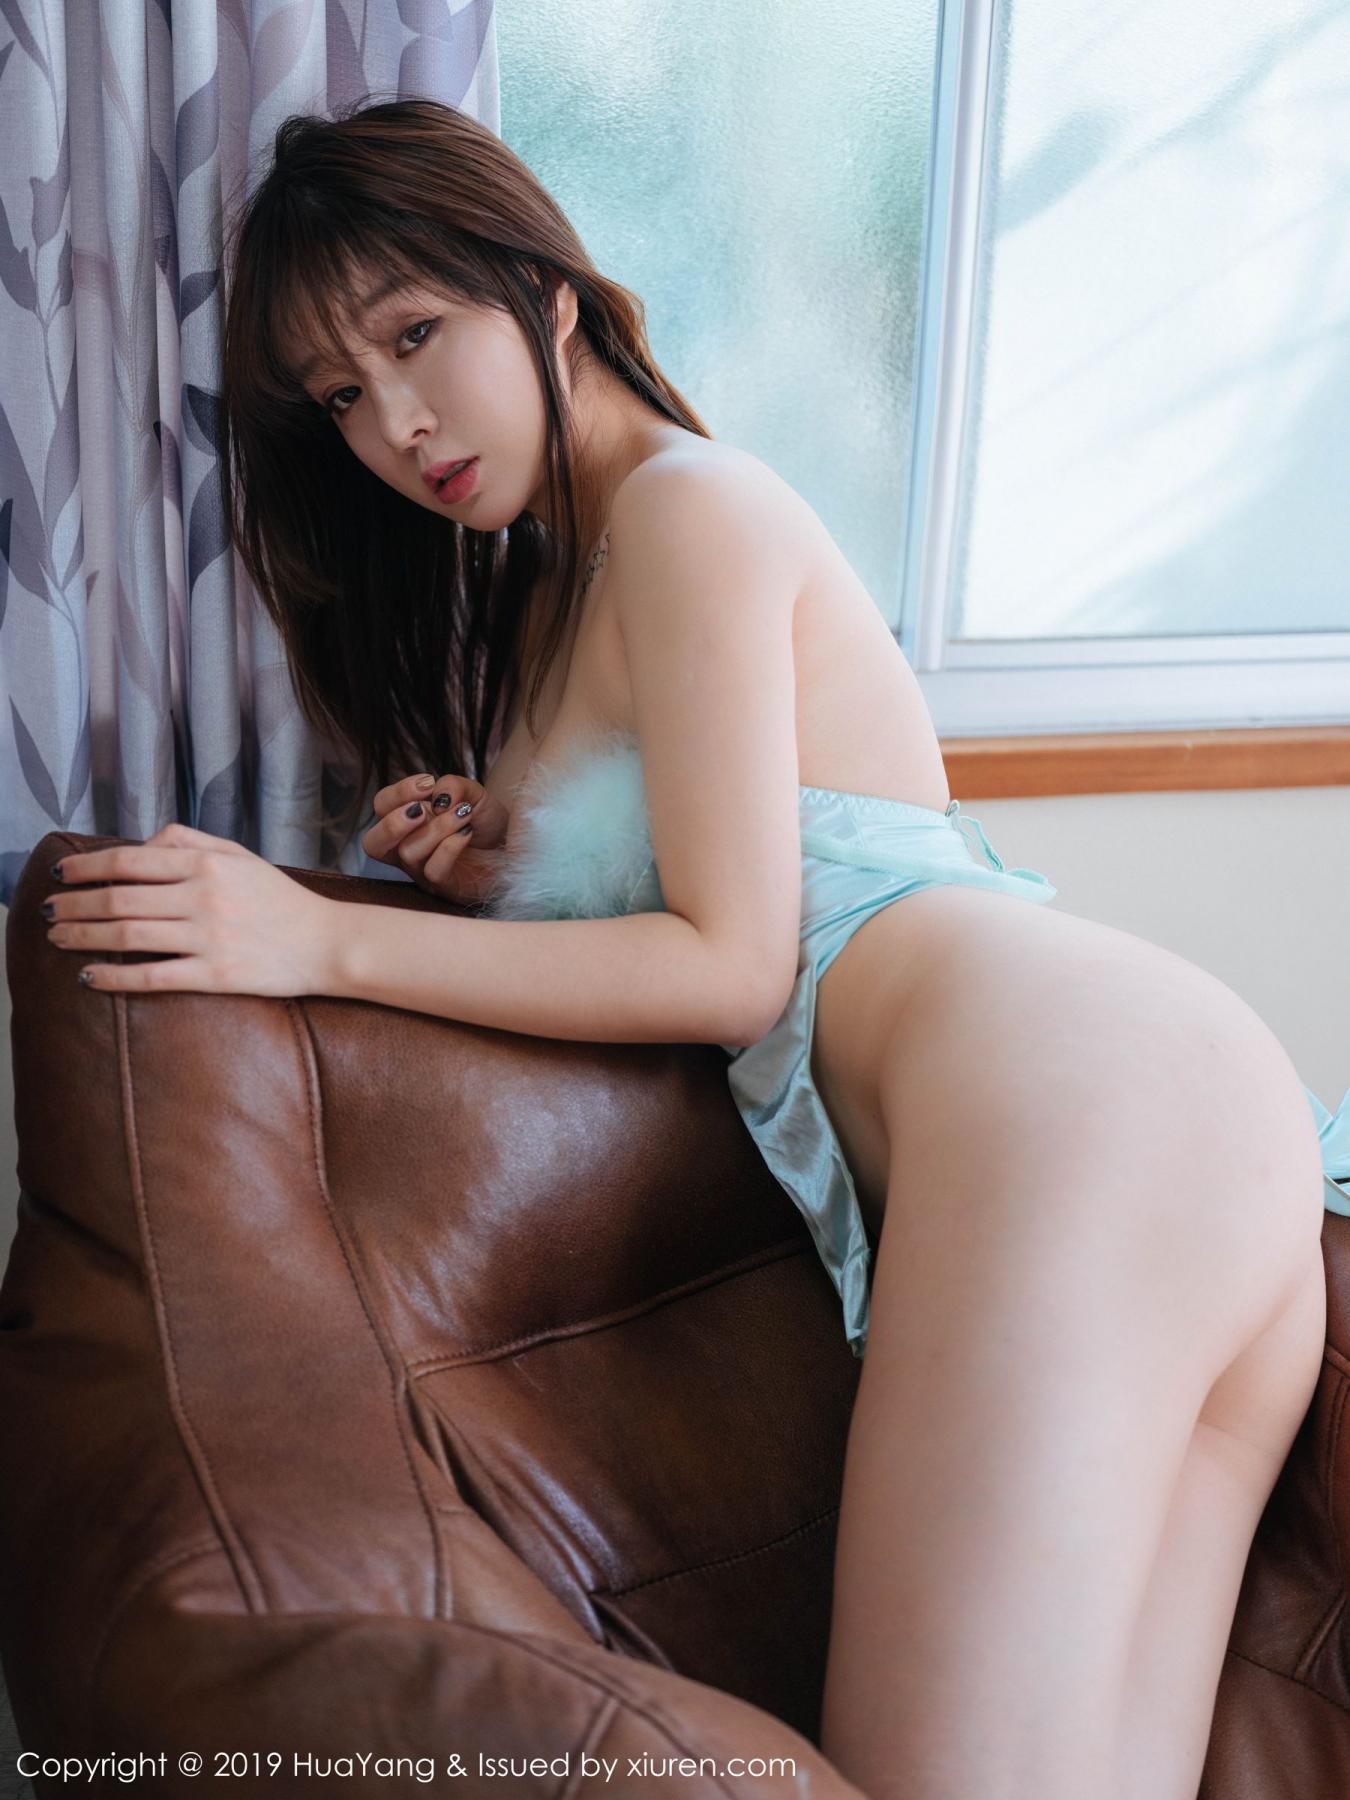 [Huayang] Vol.120 Wang Yu Chun 37P, Adult, Big Booty, HuaYang, Underwear, Wang Yu Chun